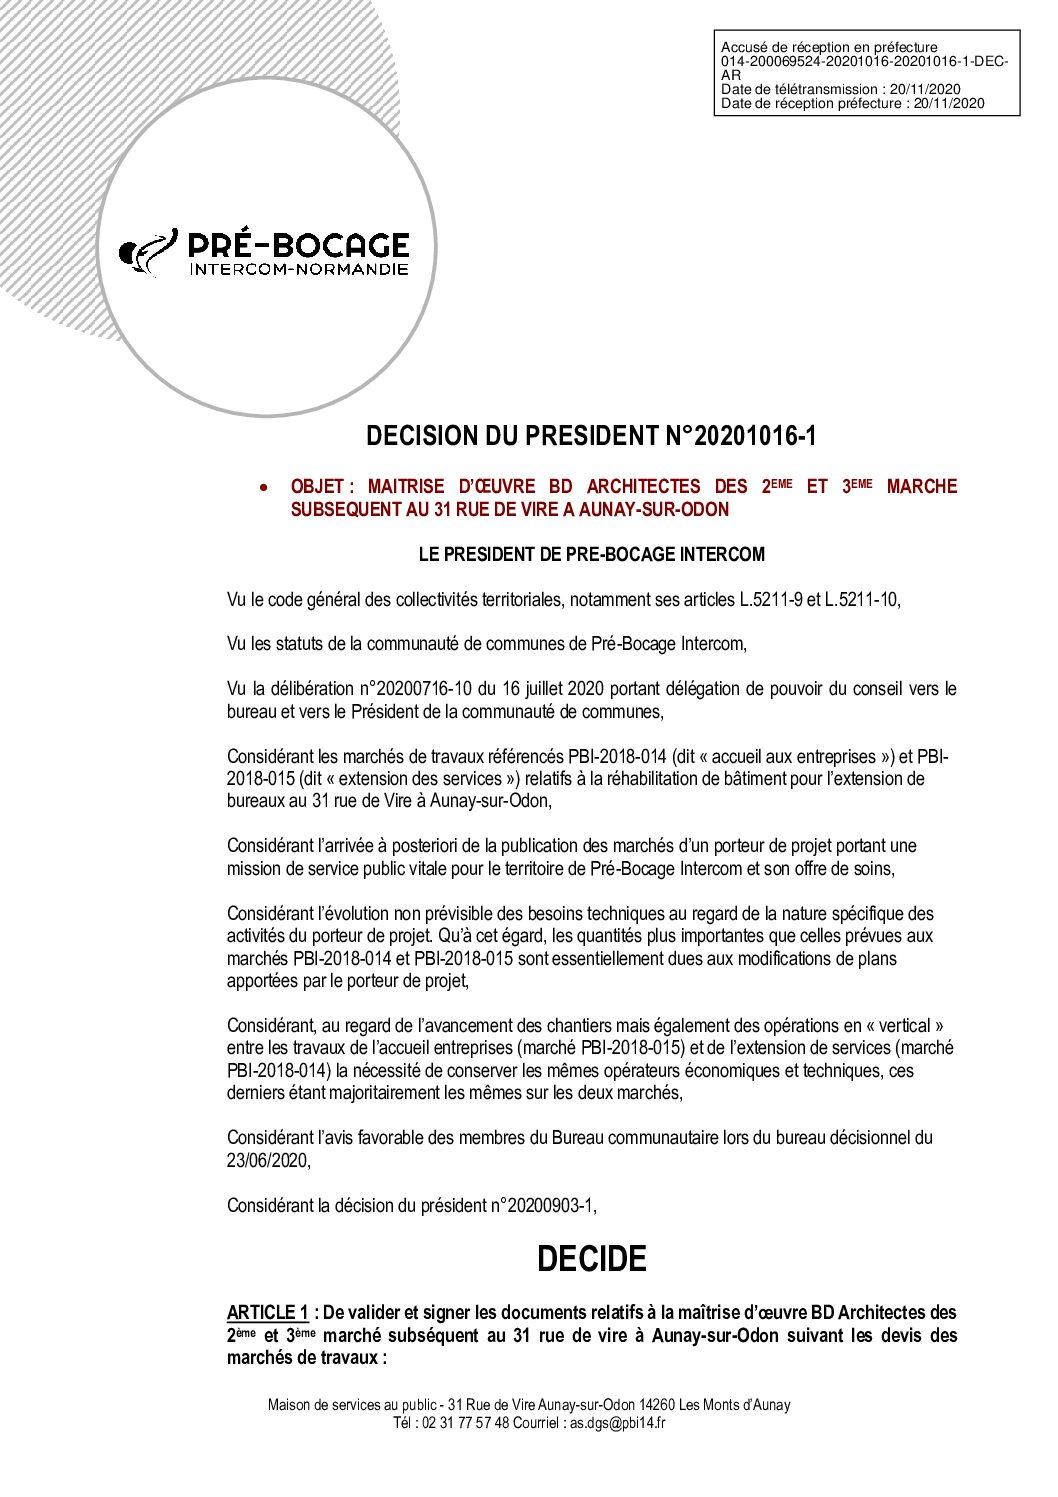 Décision déléguée du 16 octobre 2020